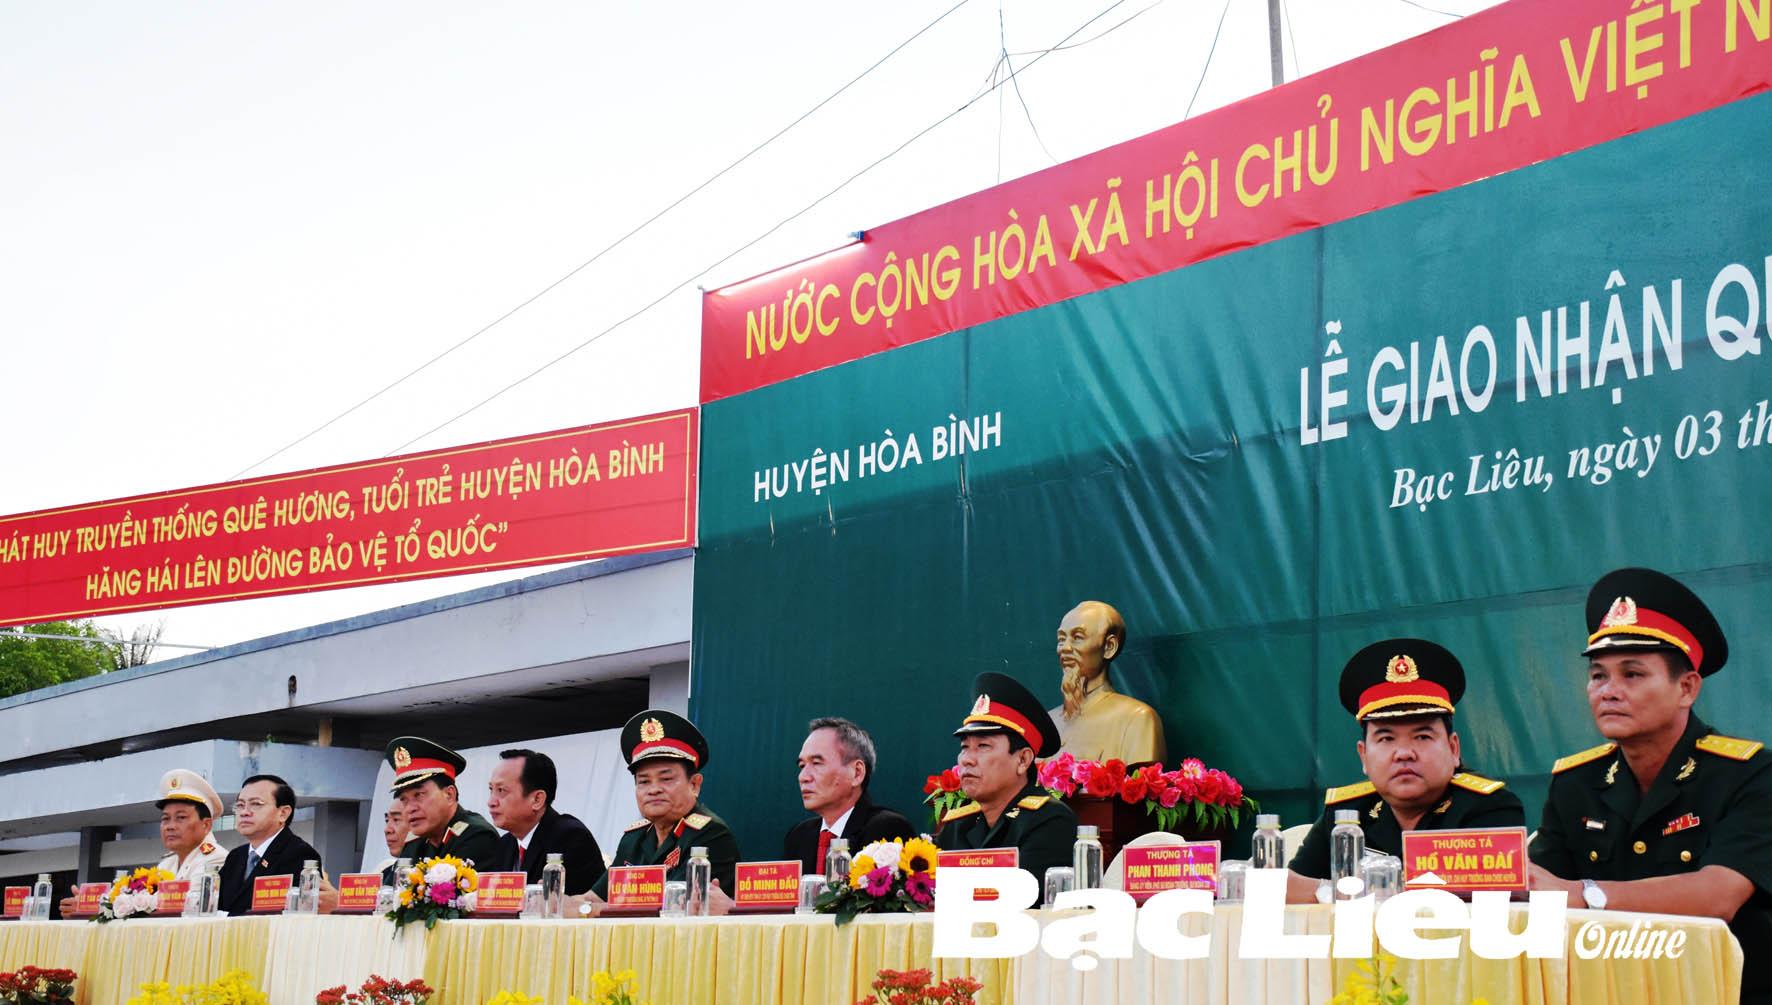 Bạc Liêu: Tổ chức ngày hội giao - nhận quân trang trọng và an toàn